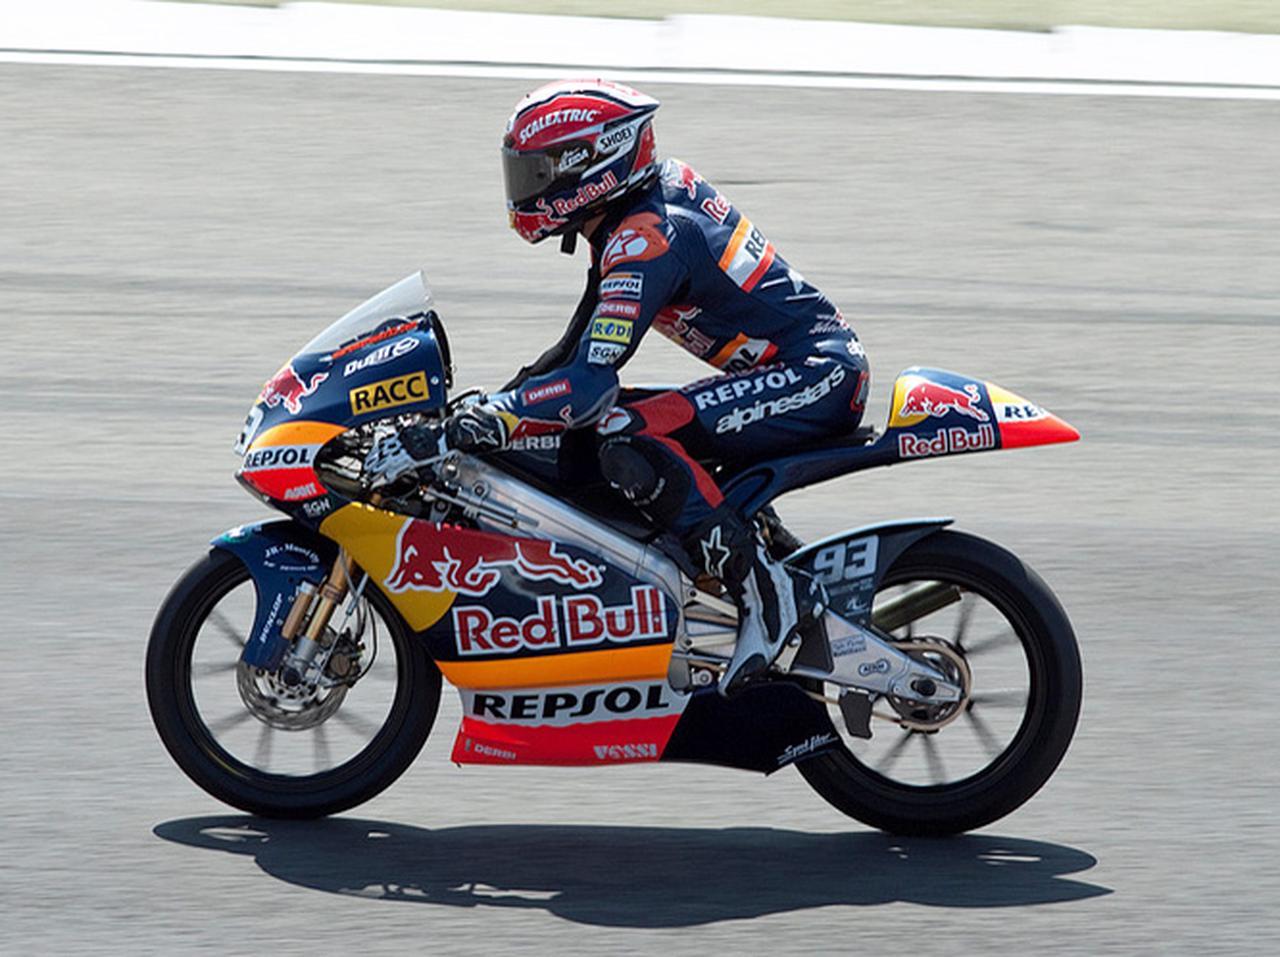 画像: 2010年、デルビを駆りオランダGP125ccクラスに勝利したM.マルケス。 en.wikipedia.org